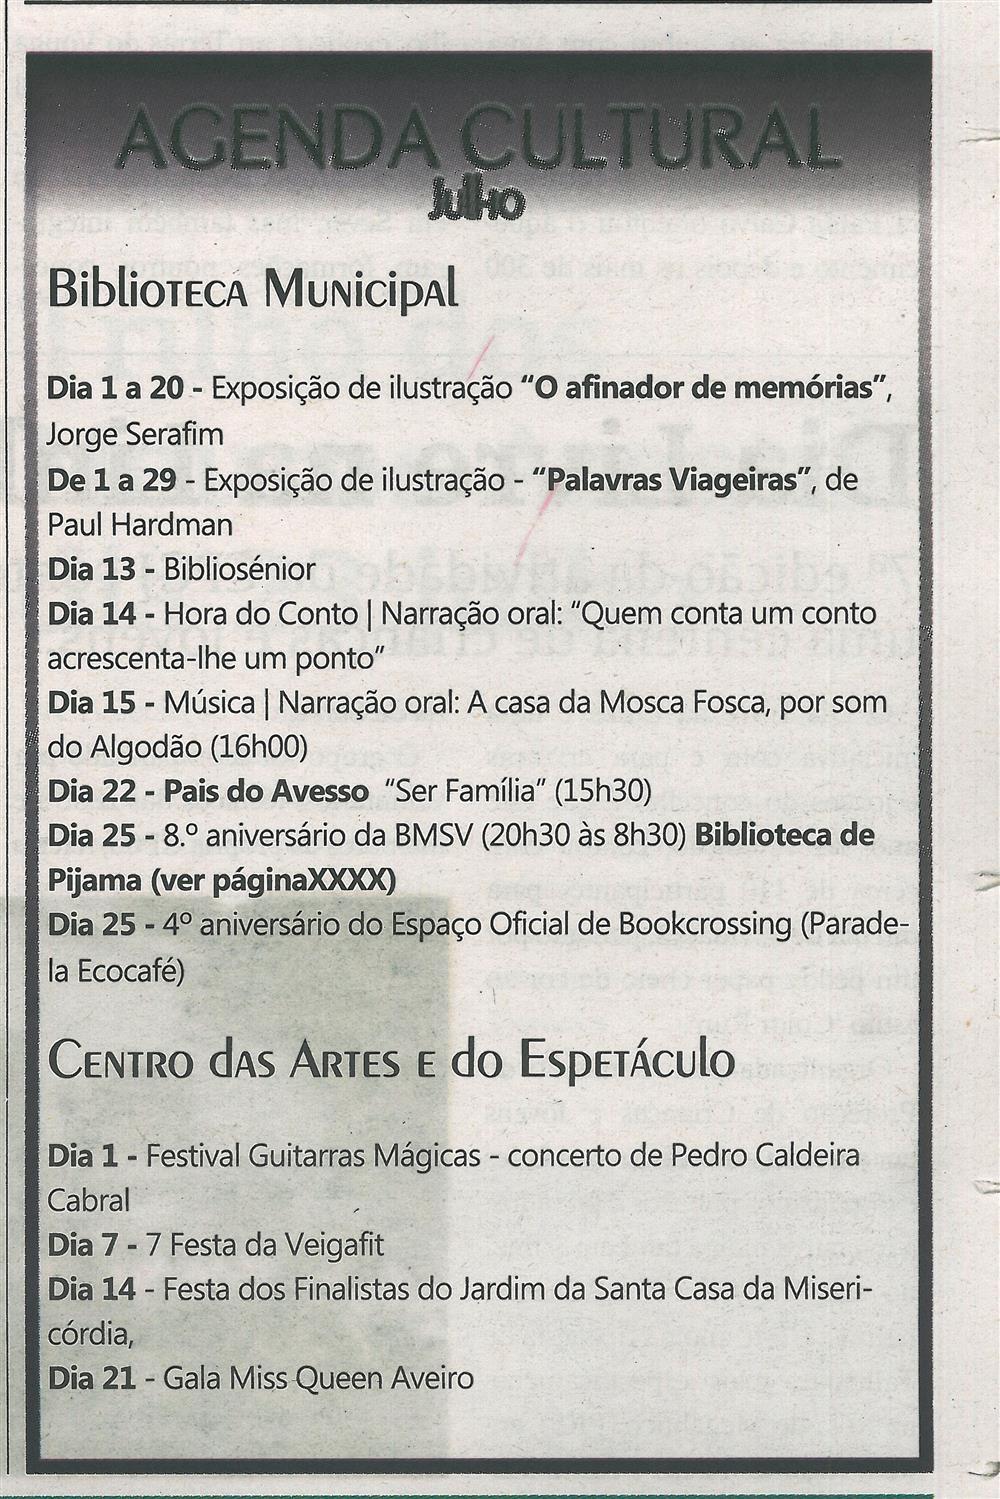 TV-jul.'17-p.17-Agenda Cultural julho : Biblioteca Municipal [e] Centro das Artes e do Espetáculo.jpg